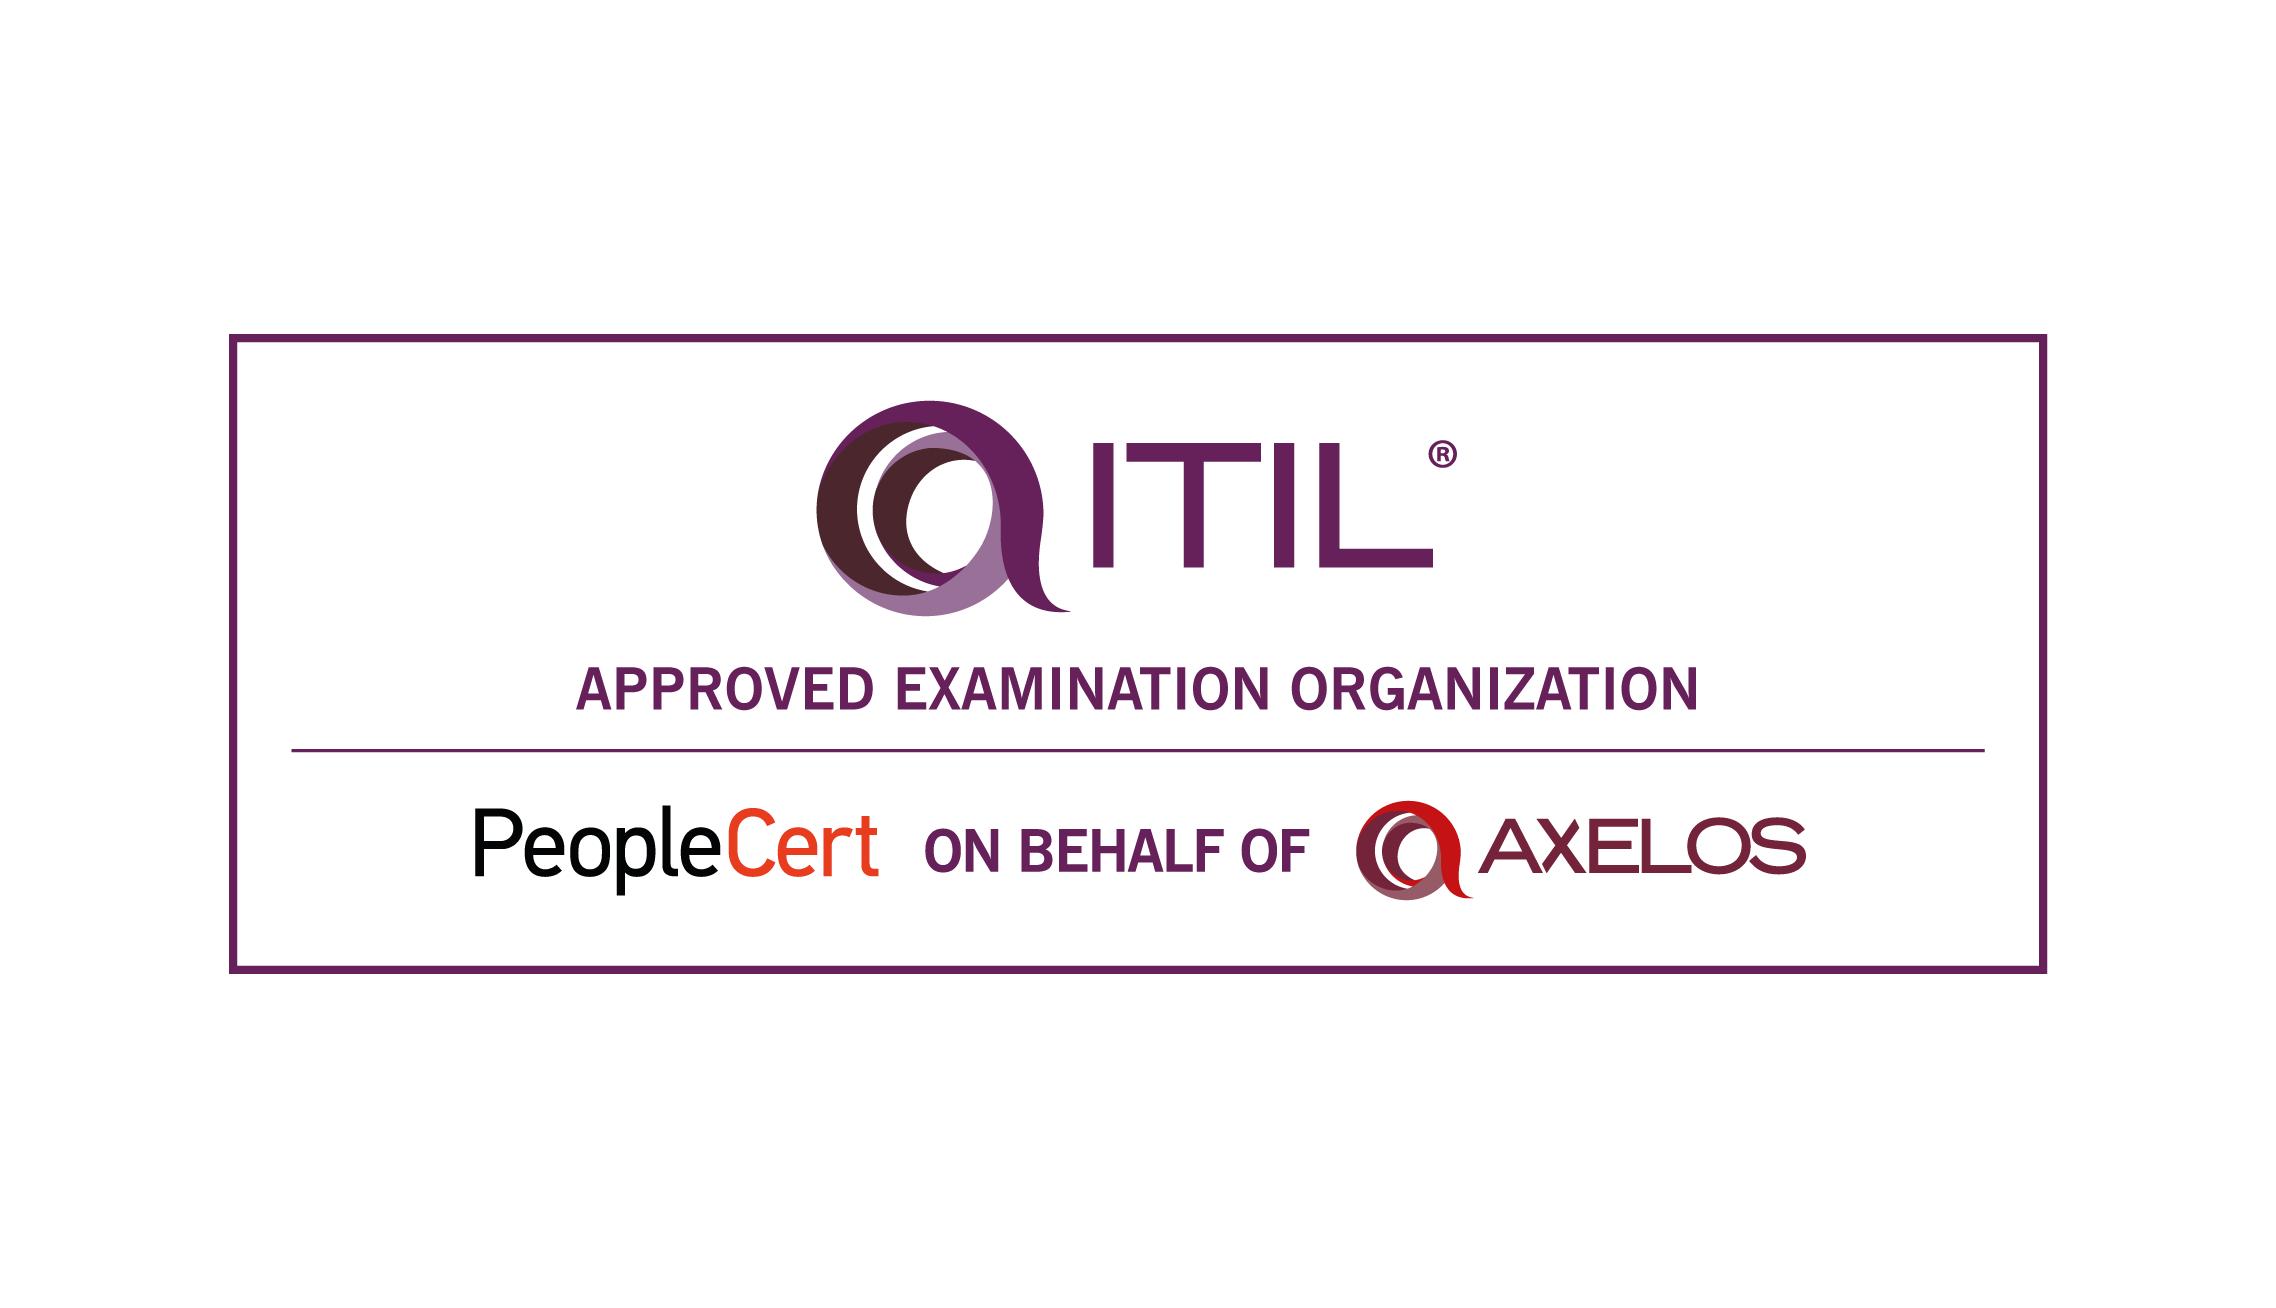 Portal do Treinamento Centro de Certificação ITIL - PeopleCert / Axelos